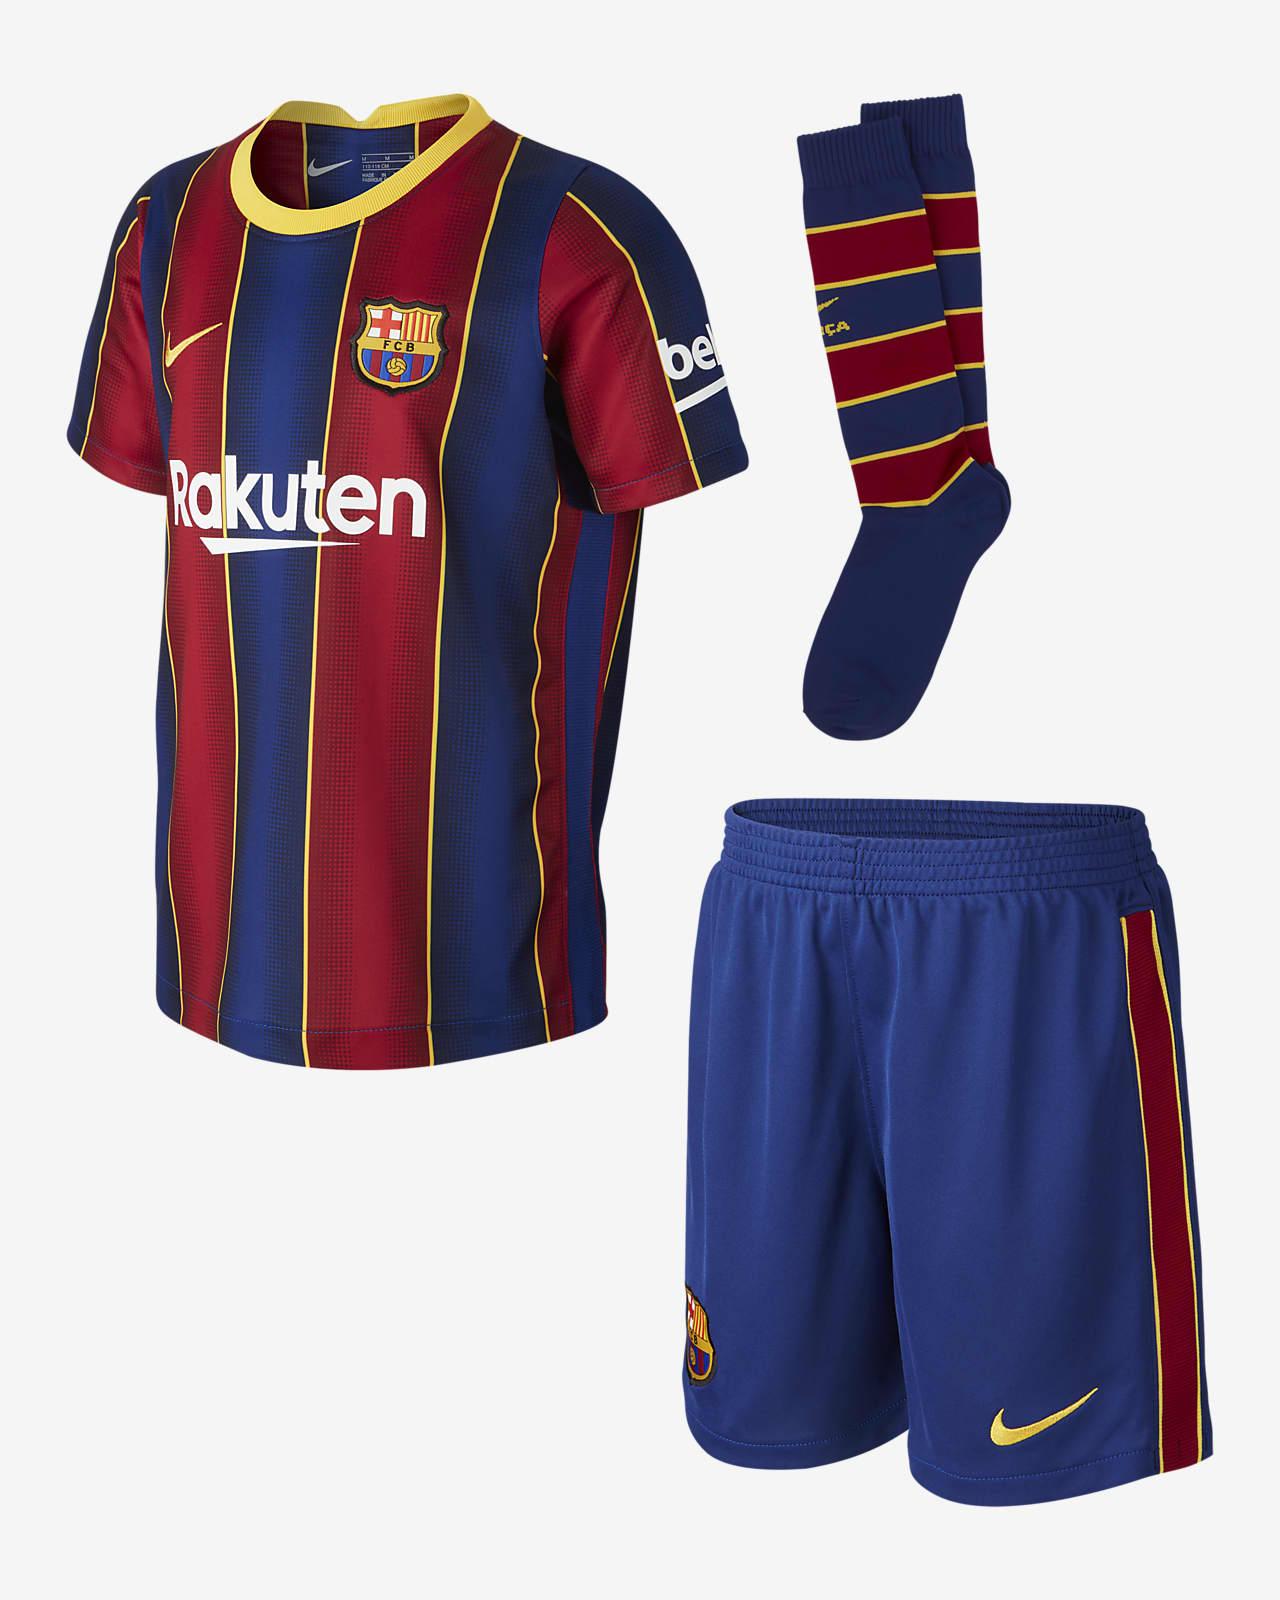 Kit de fútbol de local para niños talla pequeña del FC Barcelona 2020/21